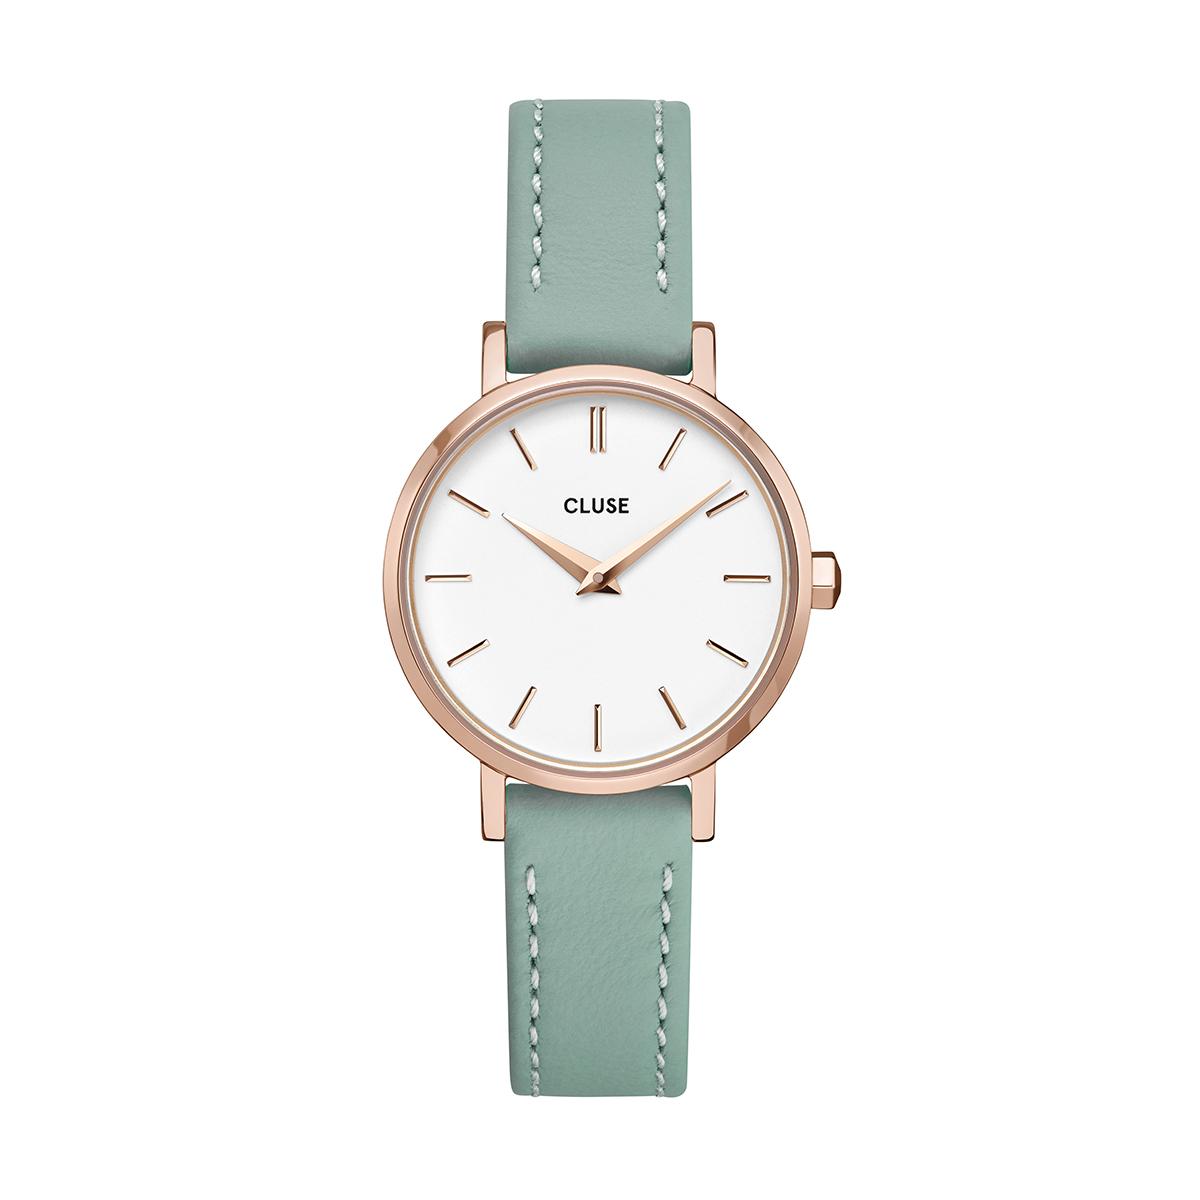 ボーホーシック ペティット 28mm CLUSE クルース 腕時計